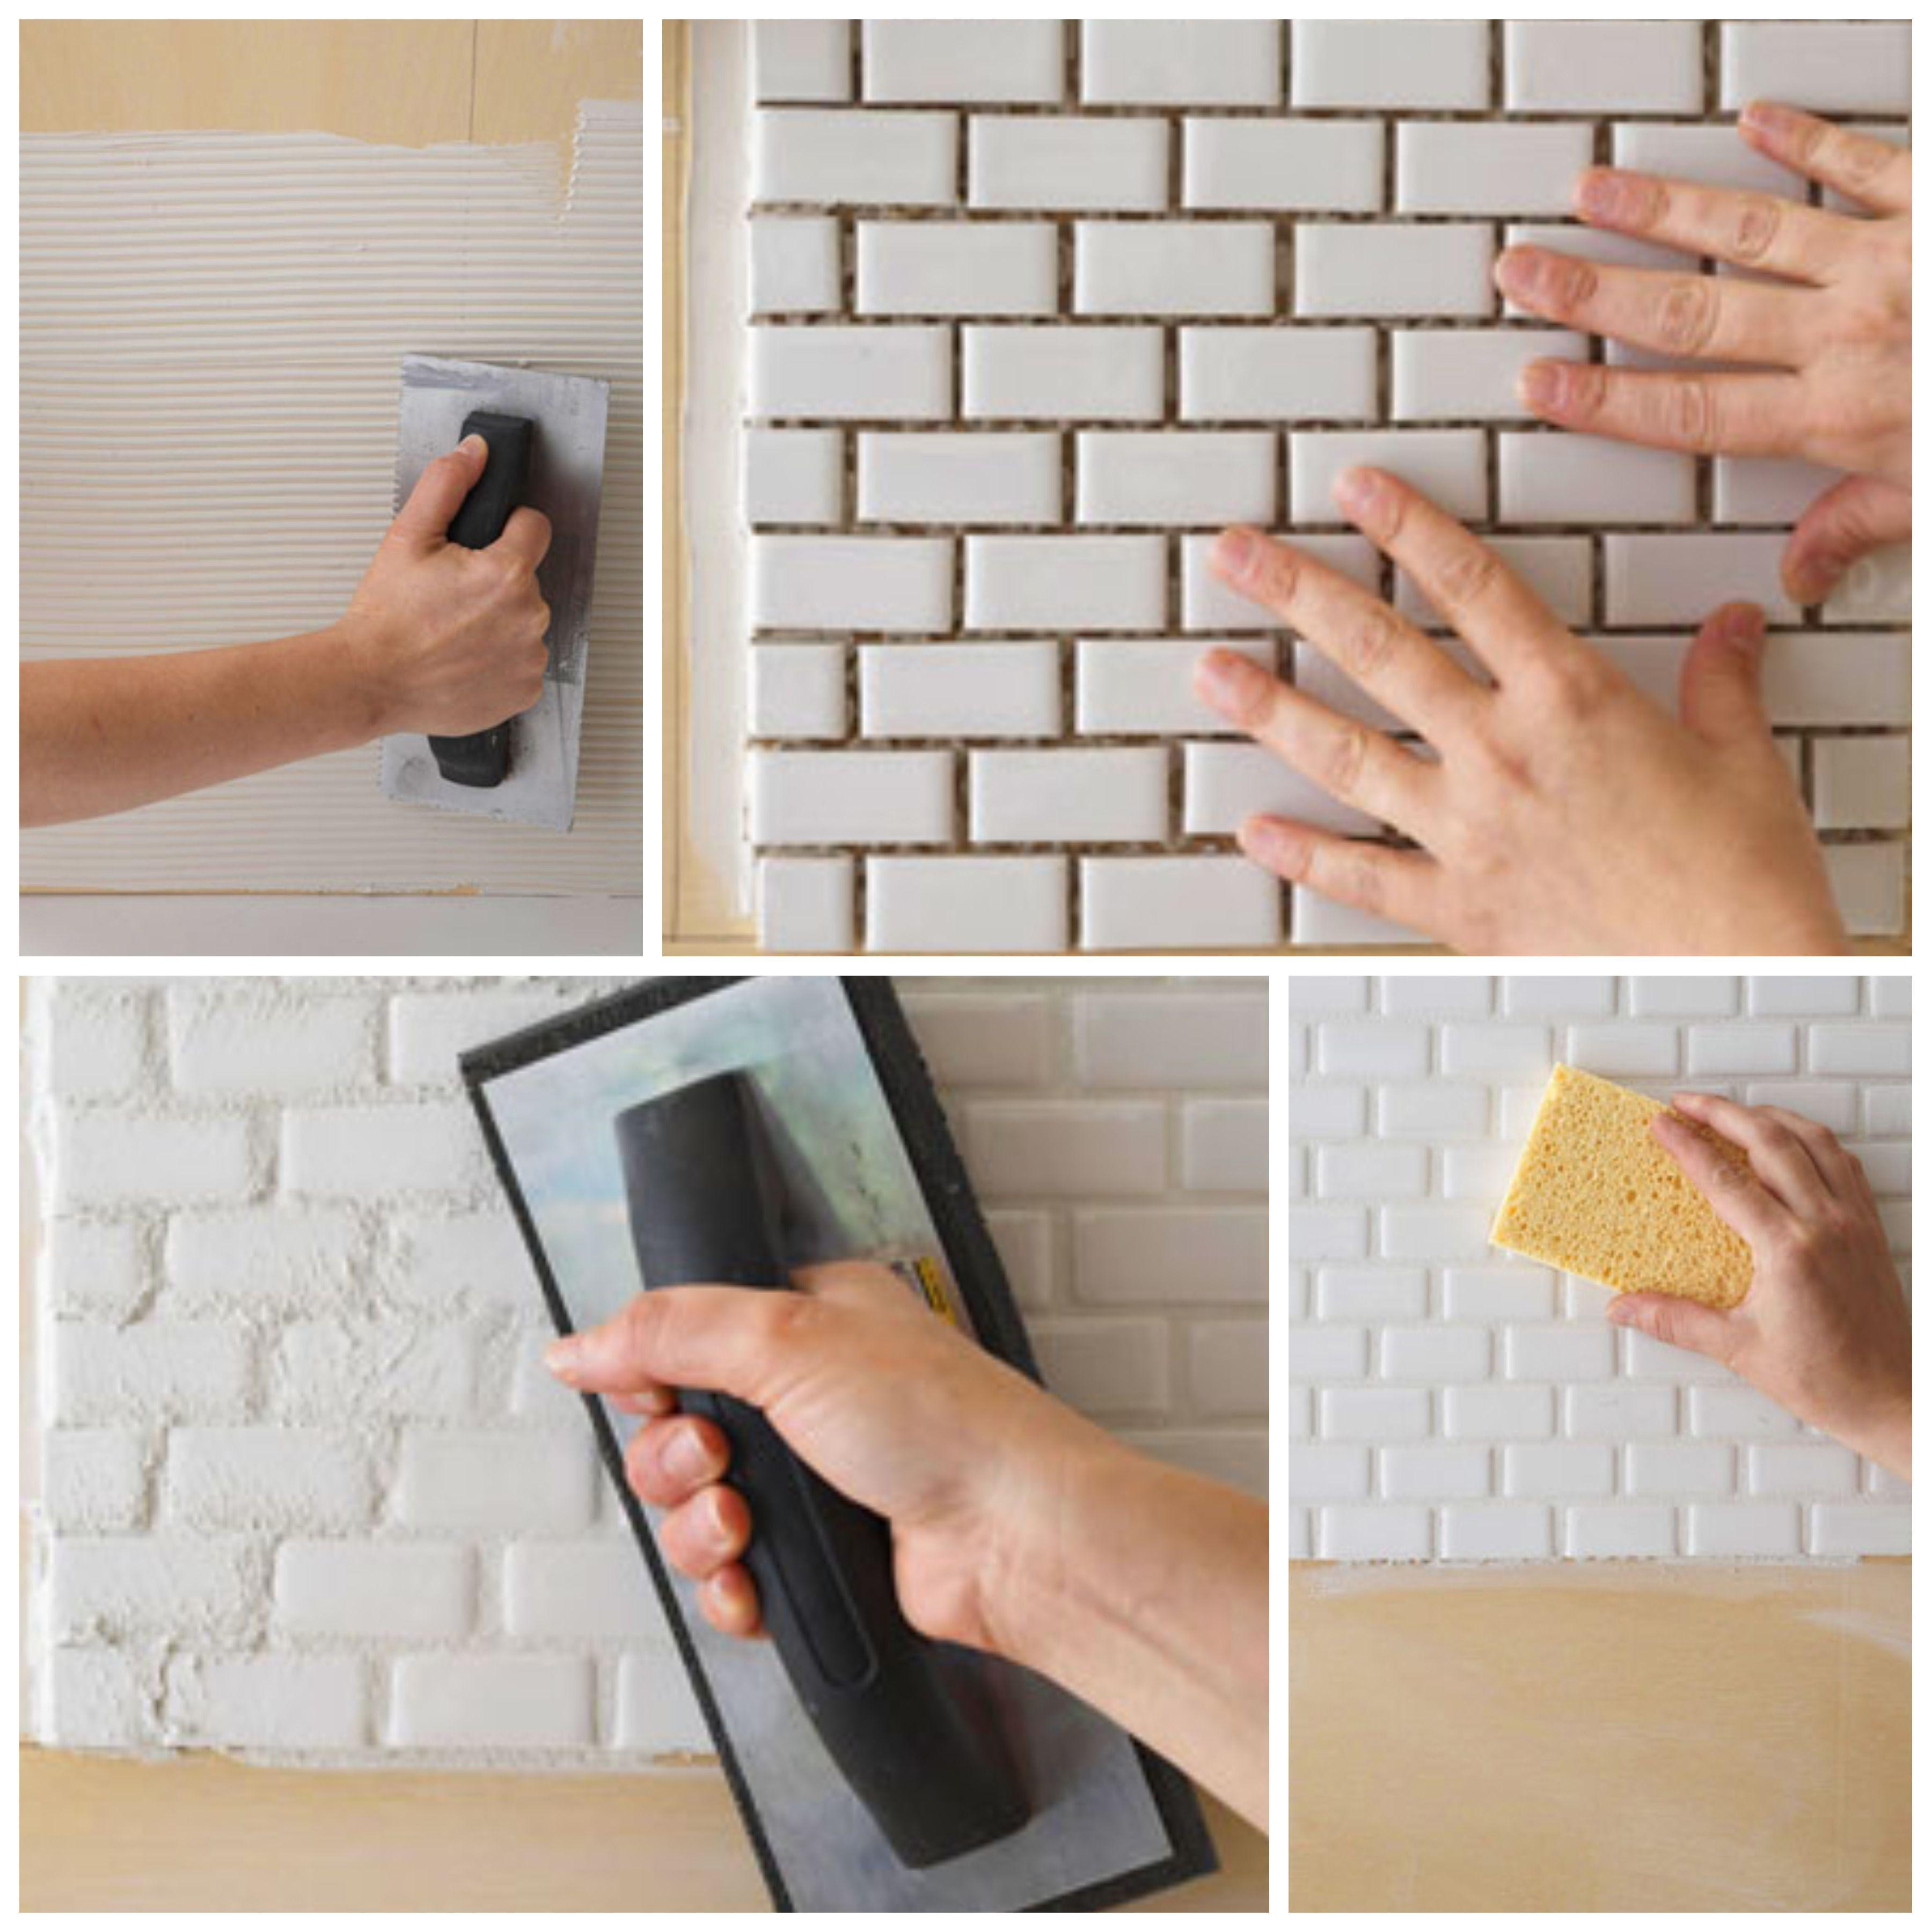 Adhesivos para azulejos los adhesivos blancos de l tex acr lico son los mejores para la - Adhesivo para azulejos ...